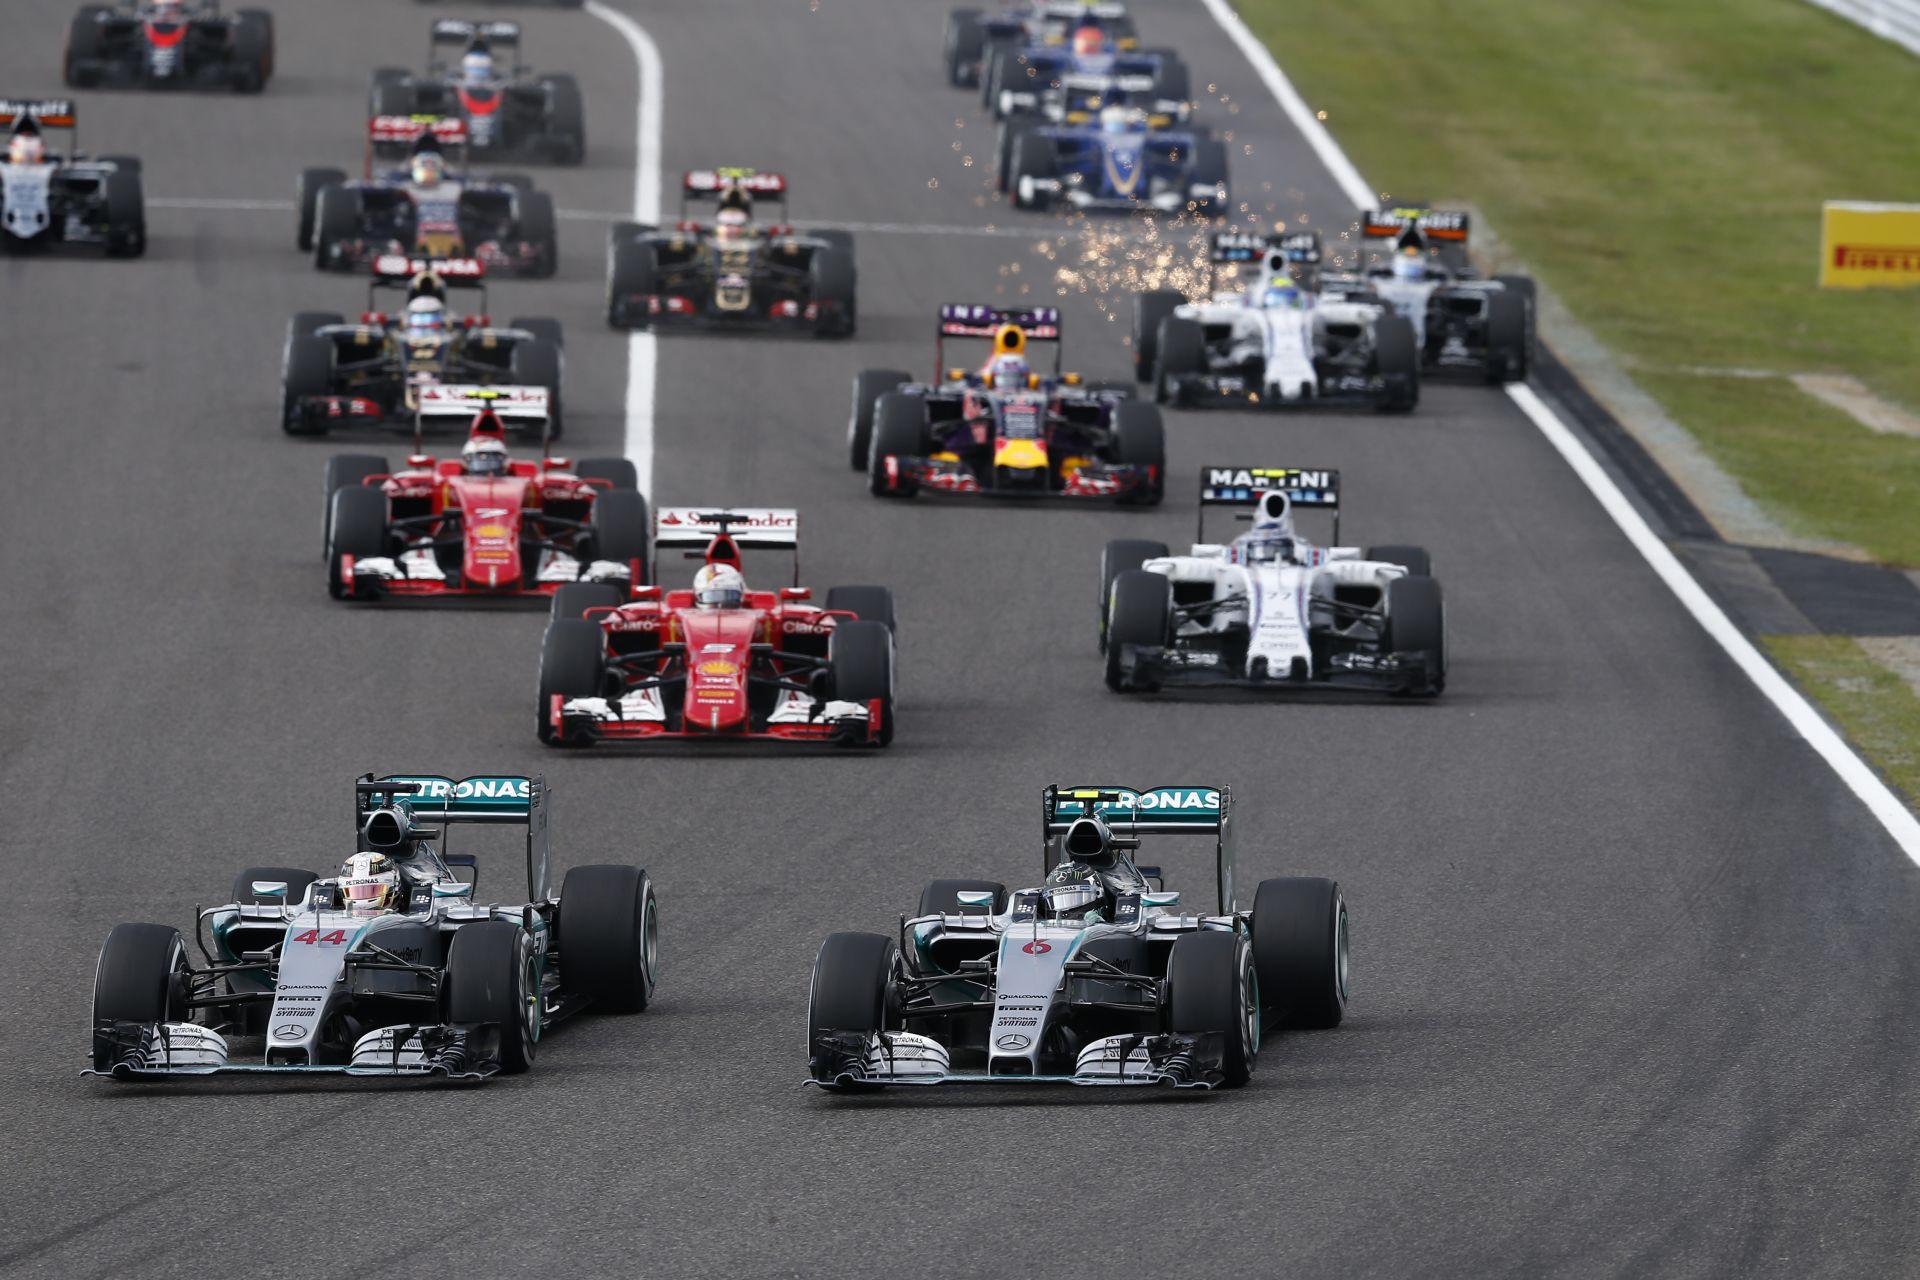 Videón a 2015-ös Japán Nagydíj startja: Rosberg beragad, Hamilton azonnal az élen